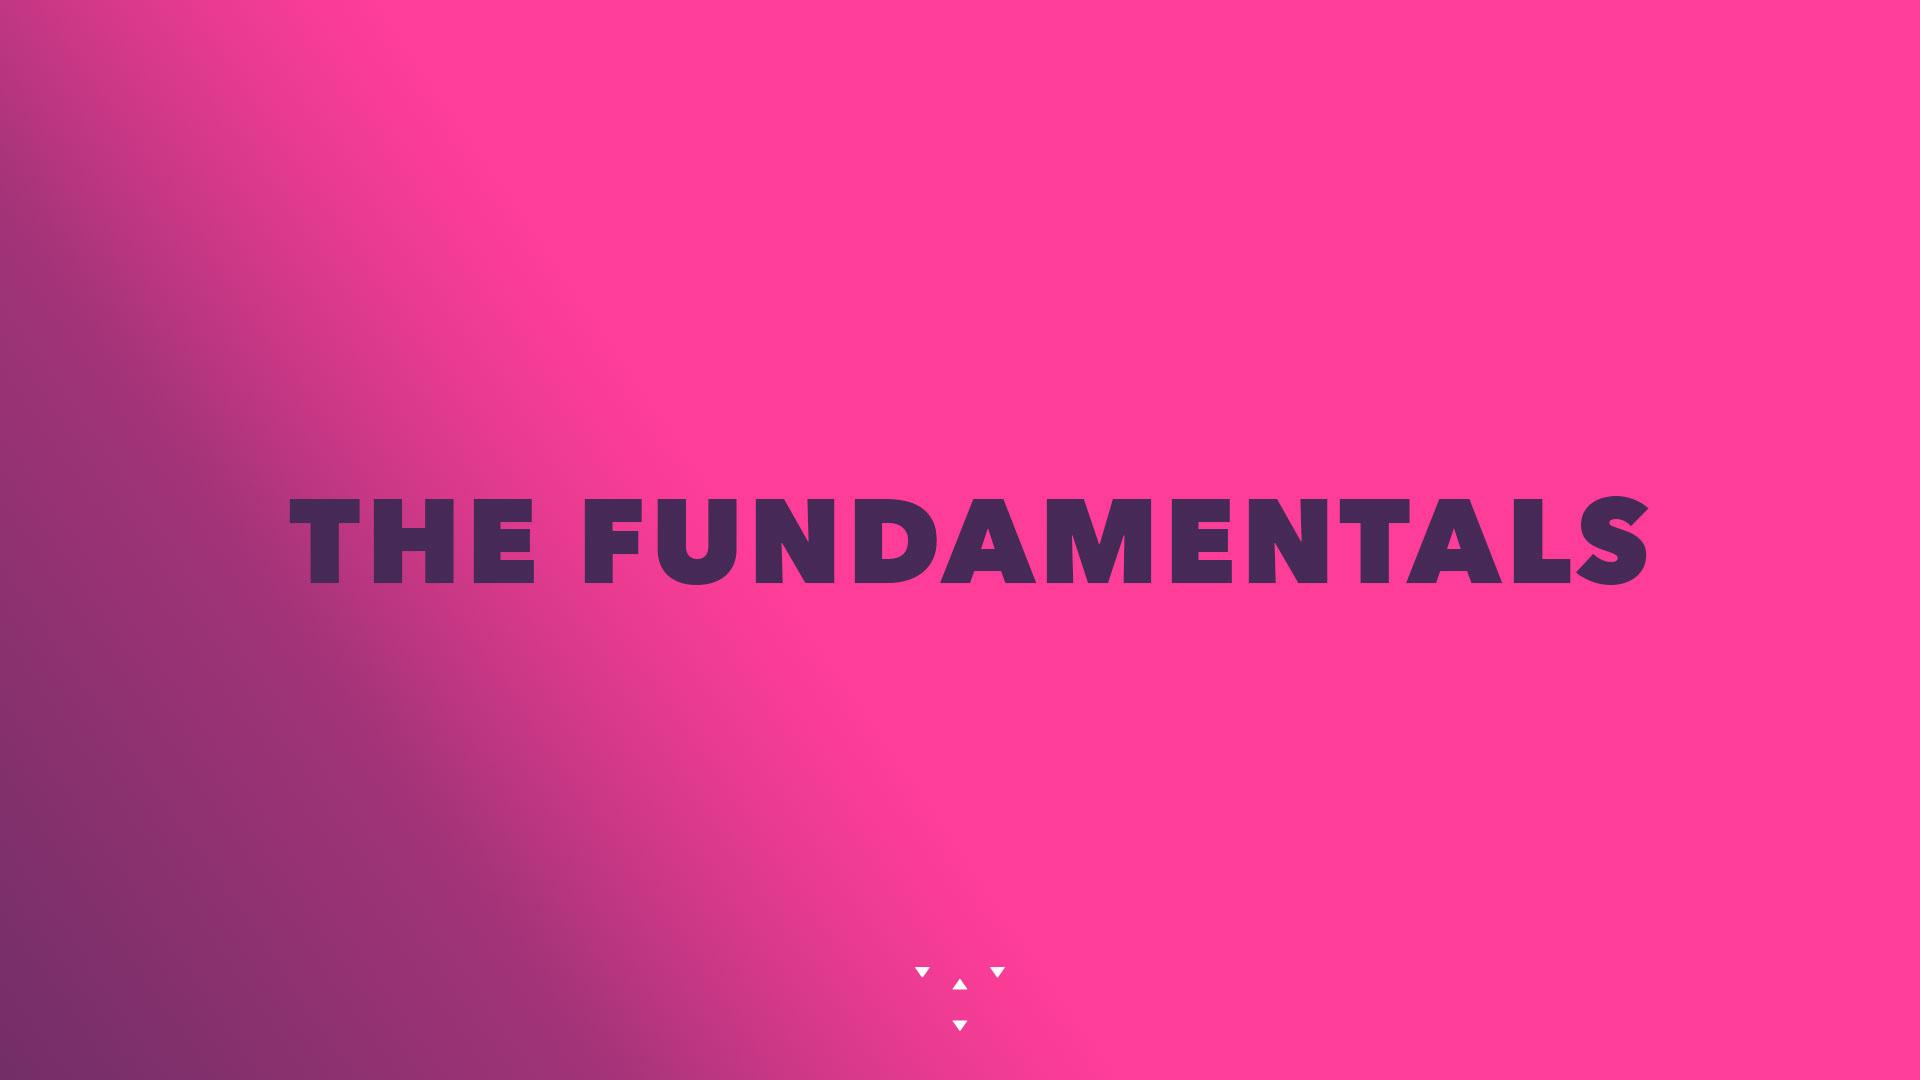 fundamentals.jpg